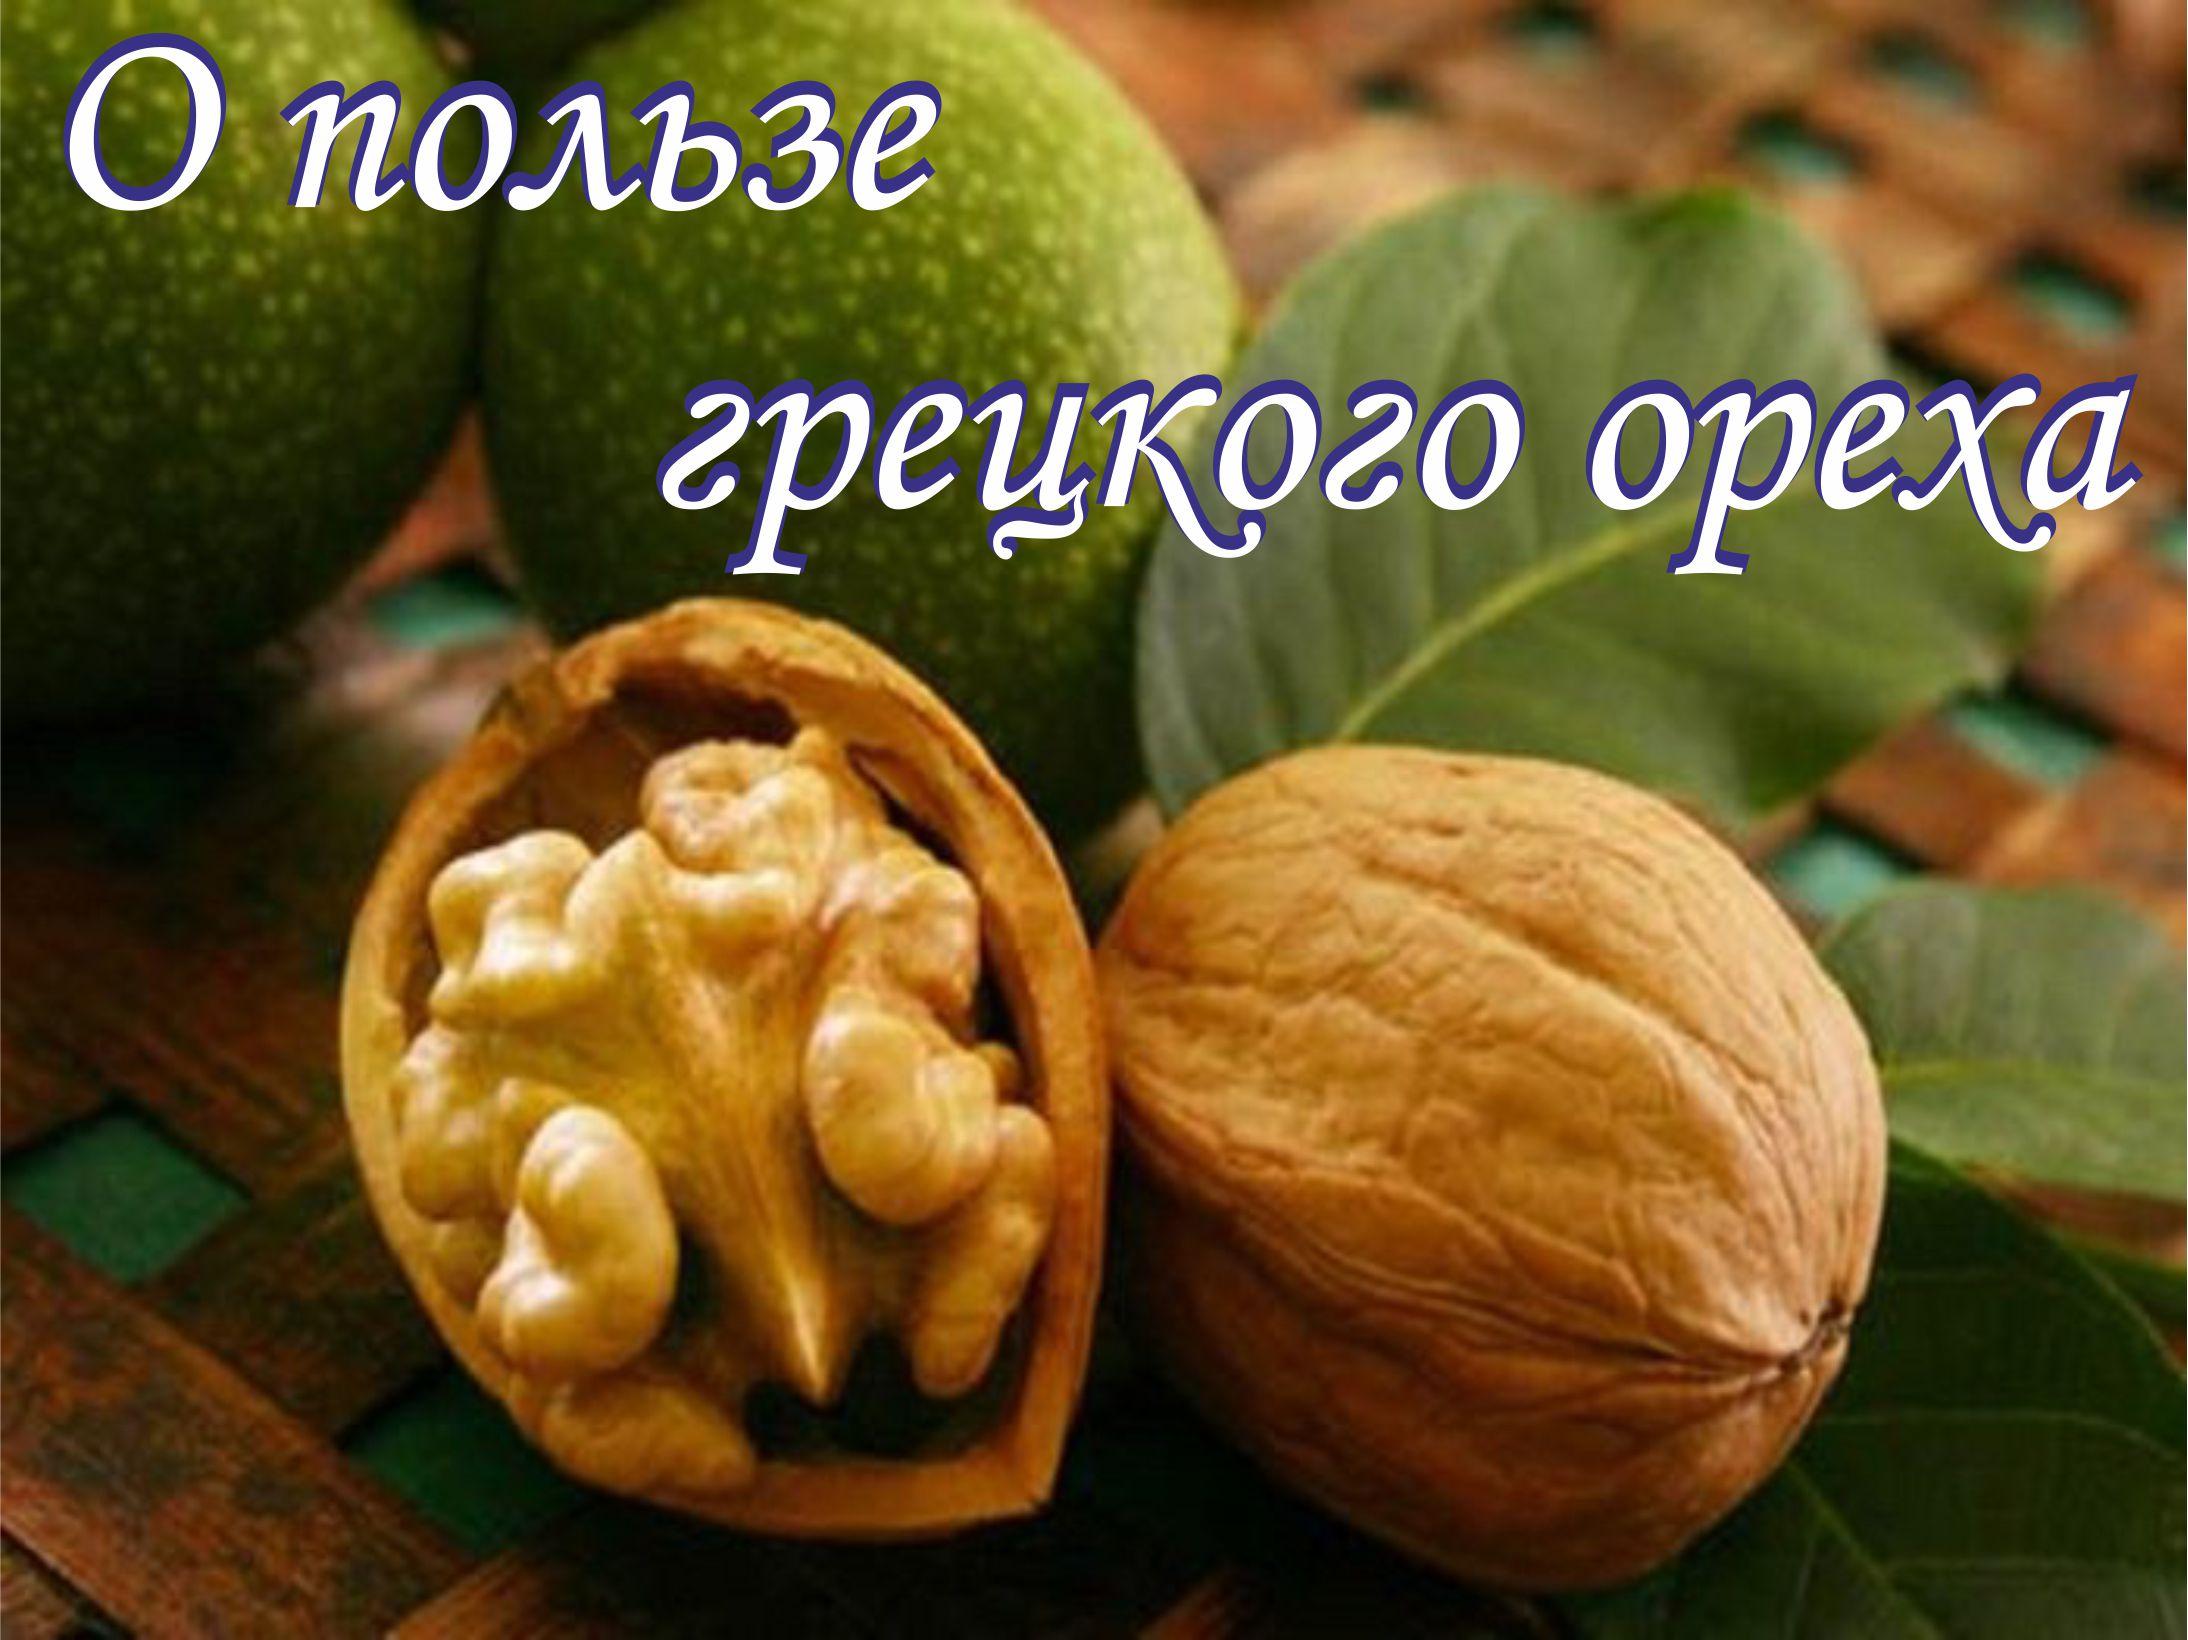 перегородки грецкого ореха для секса-уф1